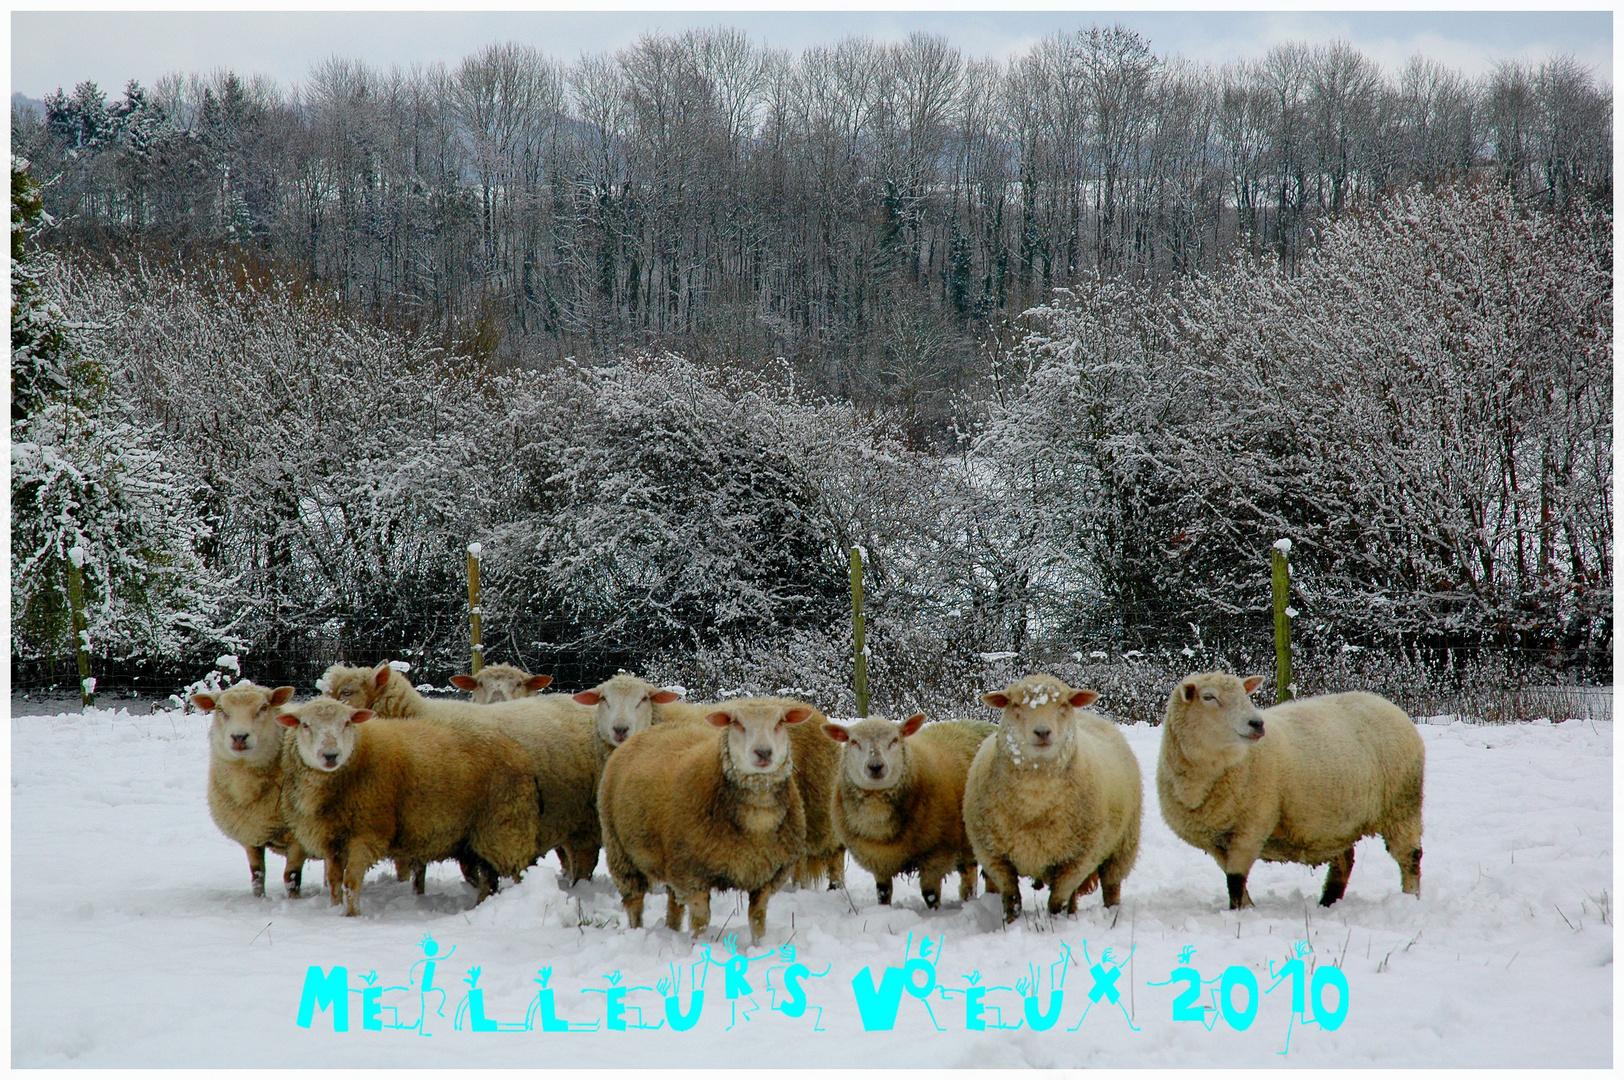 Bonne année 2010 de Normandie